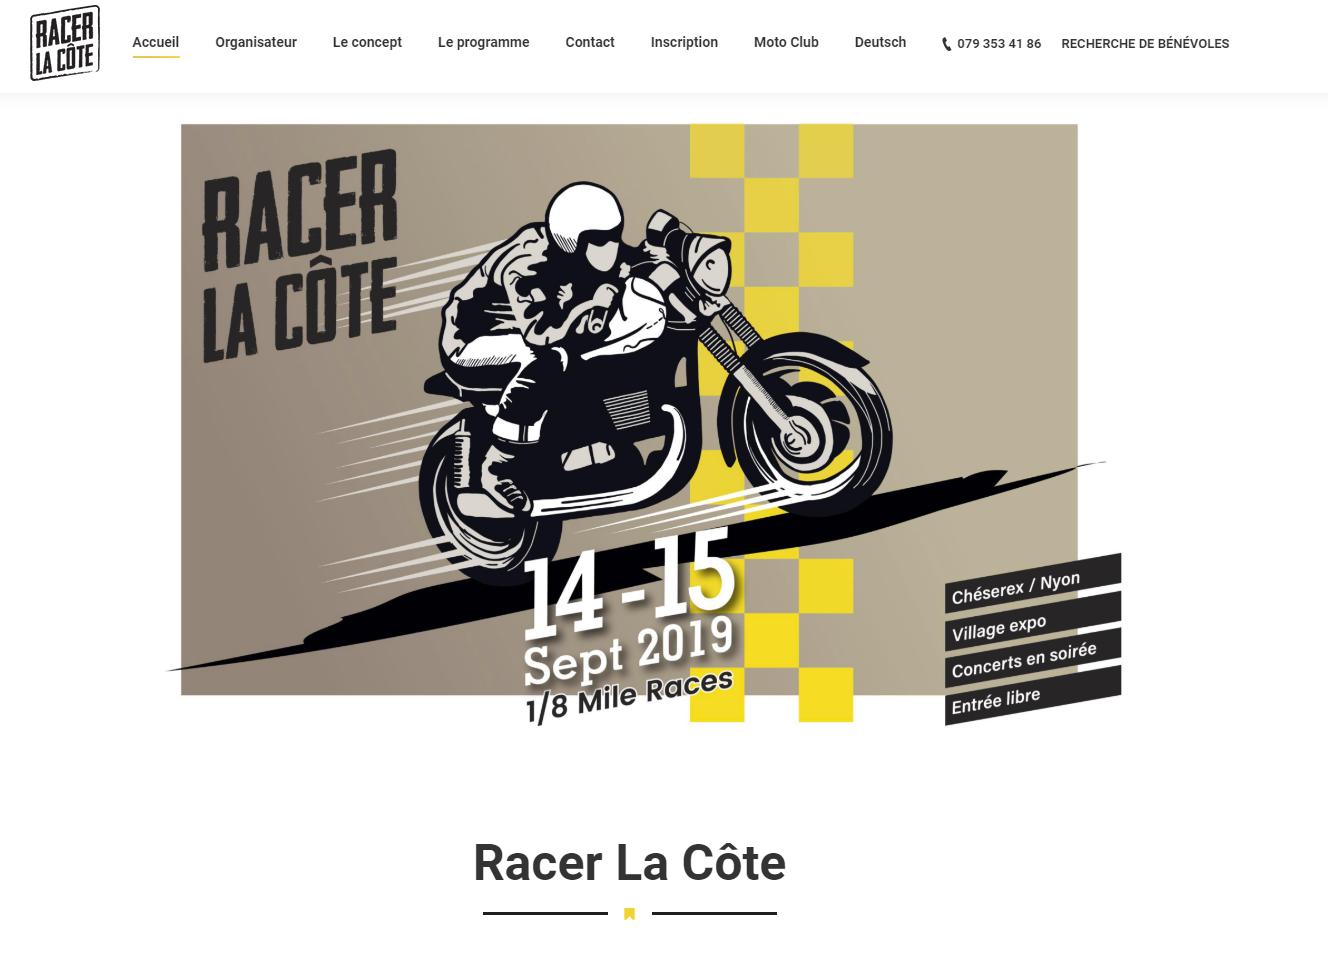 Racer La Côte